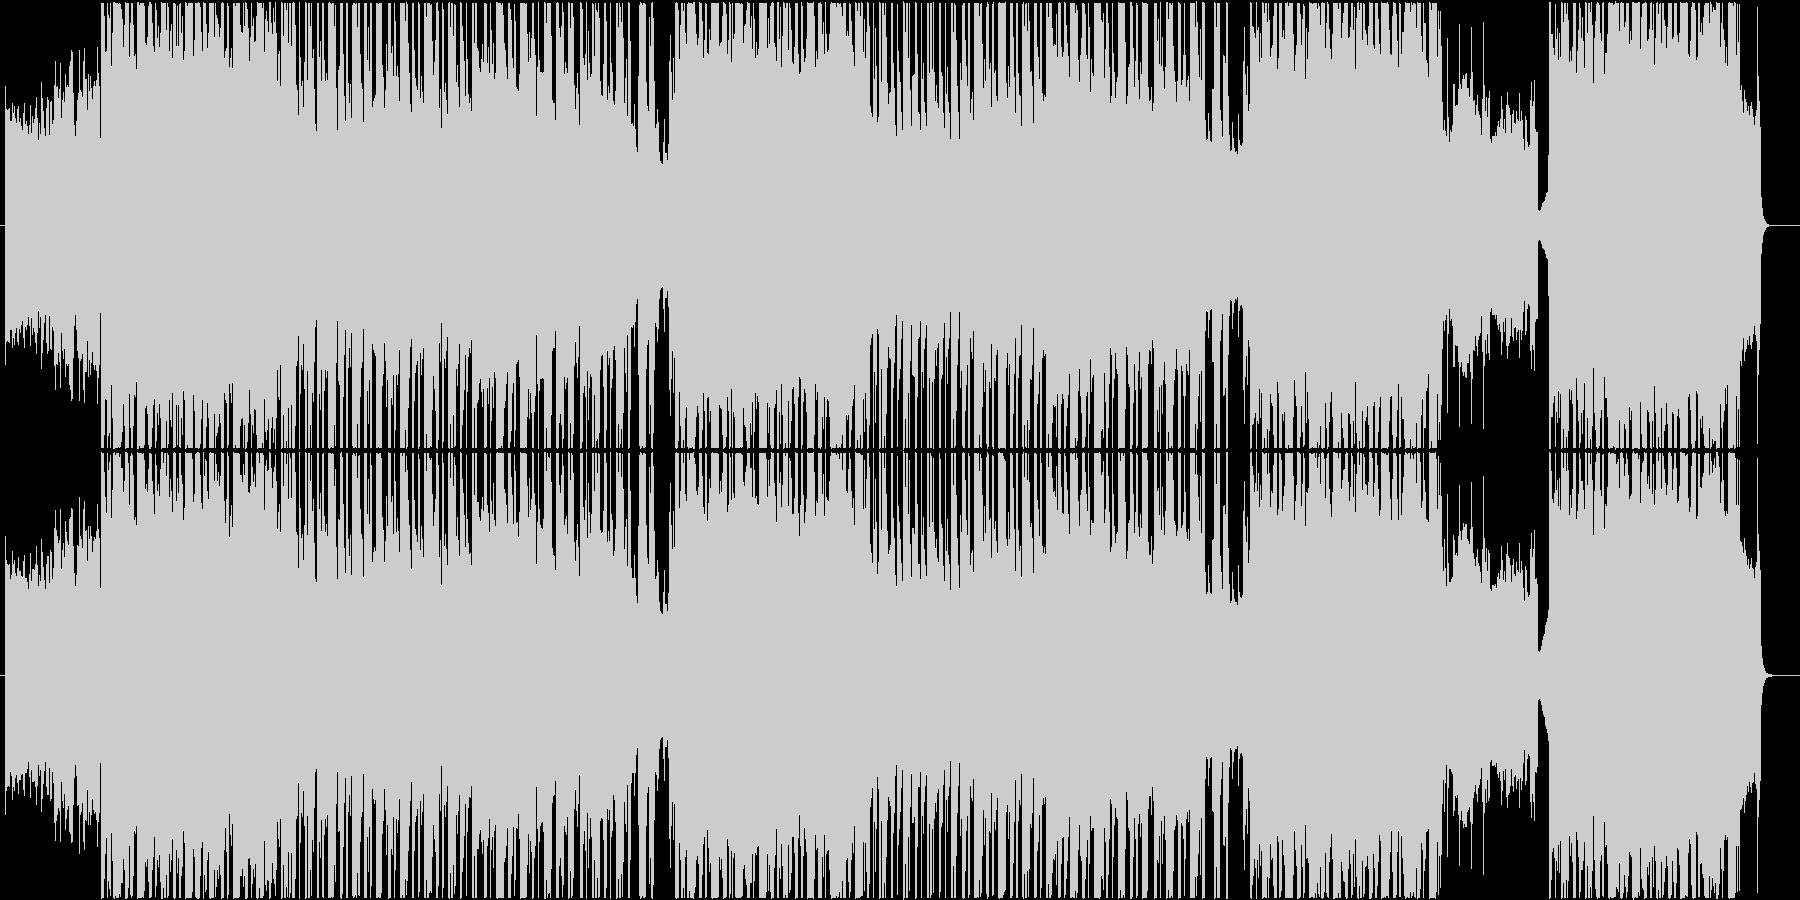 ロック ヒップホップトラックの未再生の波形